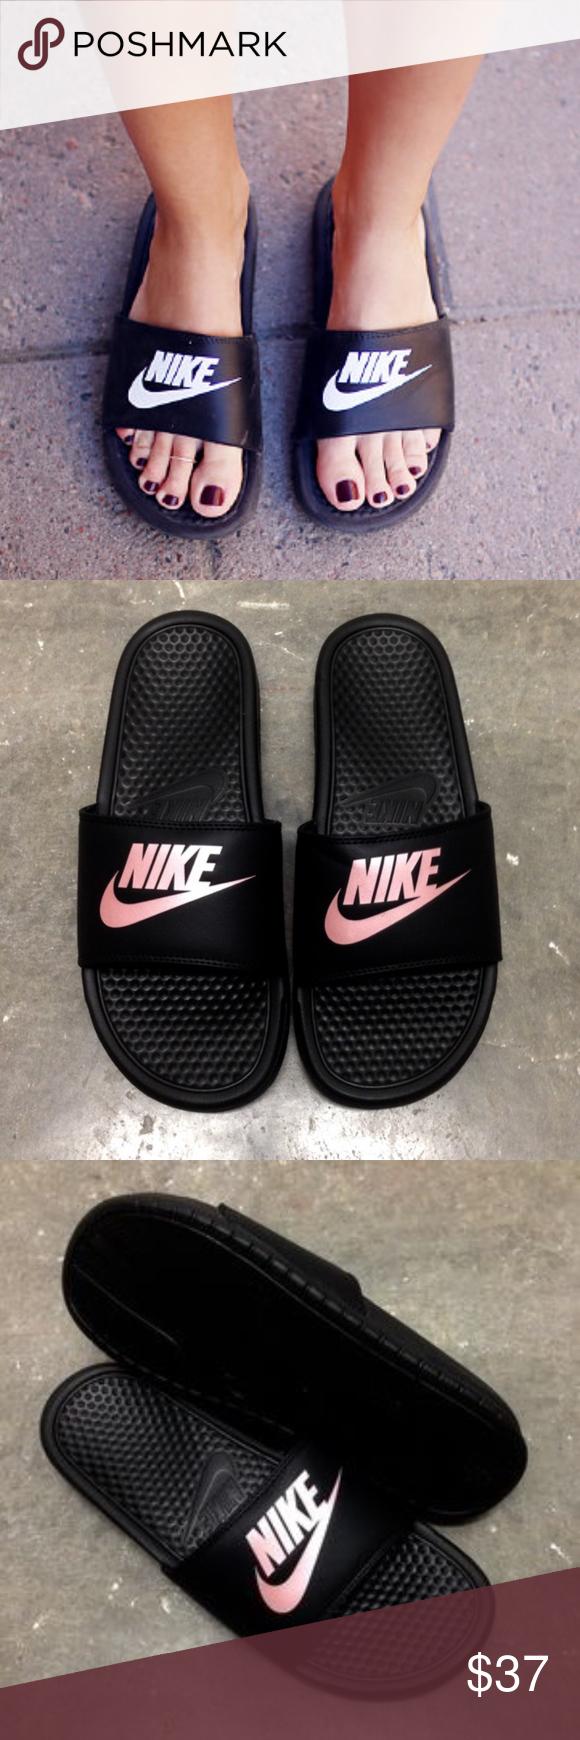 3b4759dfee41 WMNS NIKE BENASSI SLIDES JUST DO IT JDI BLACK ROSE Nike benassi slides